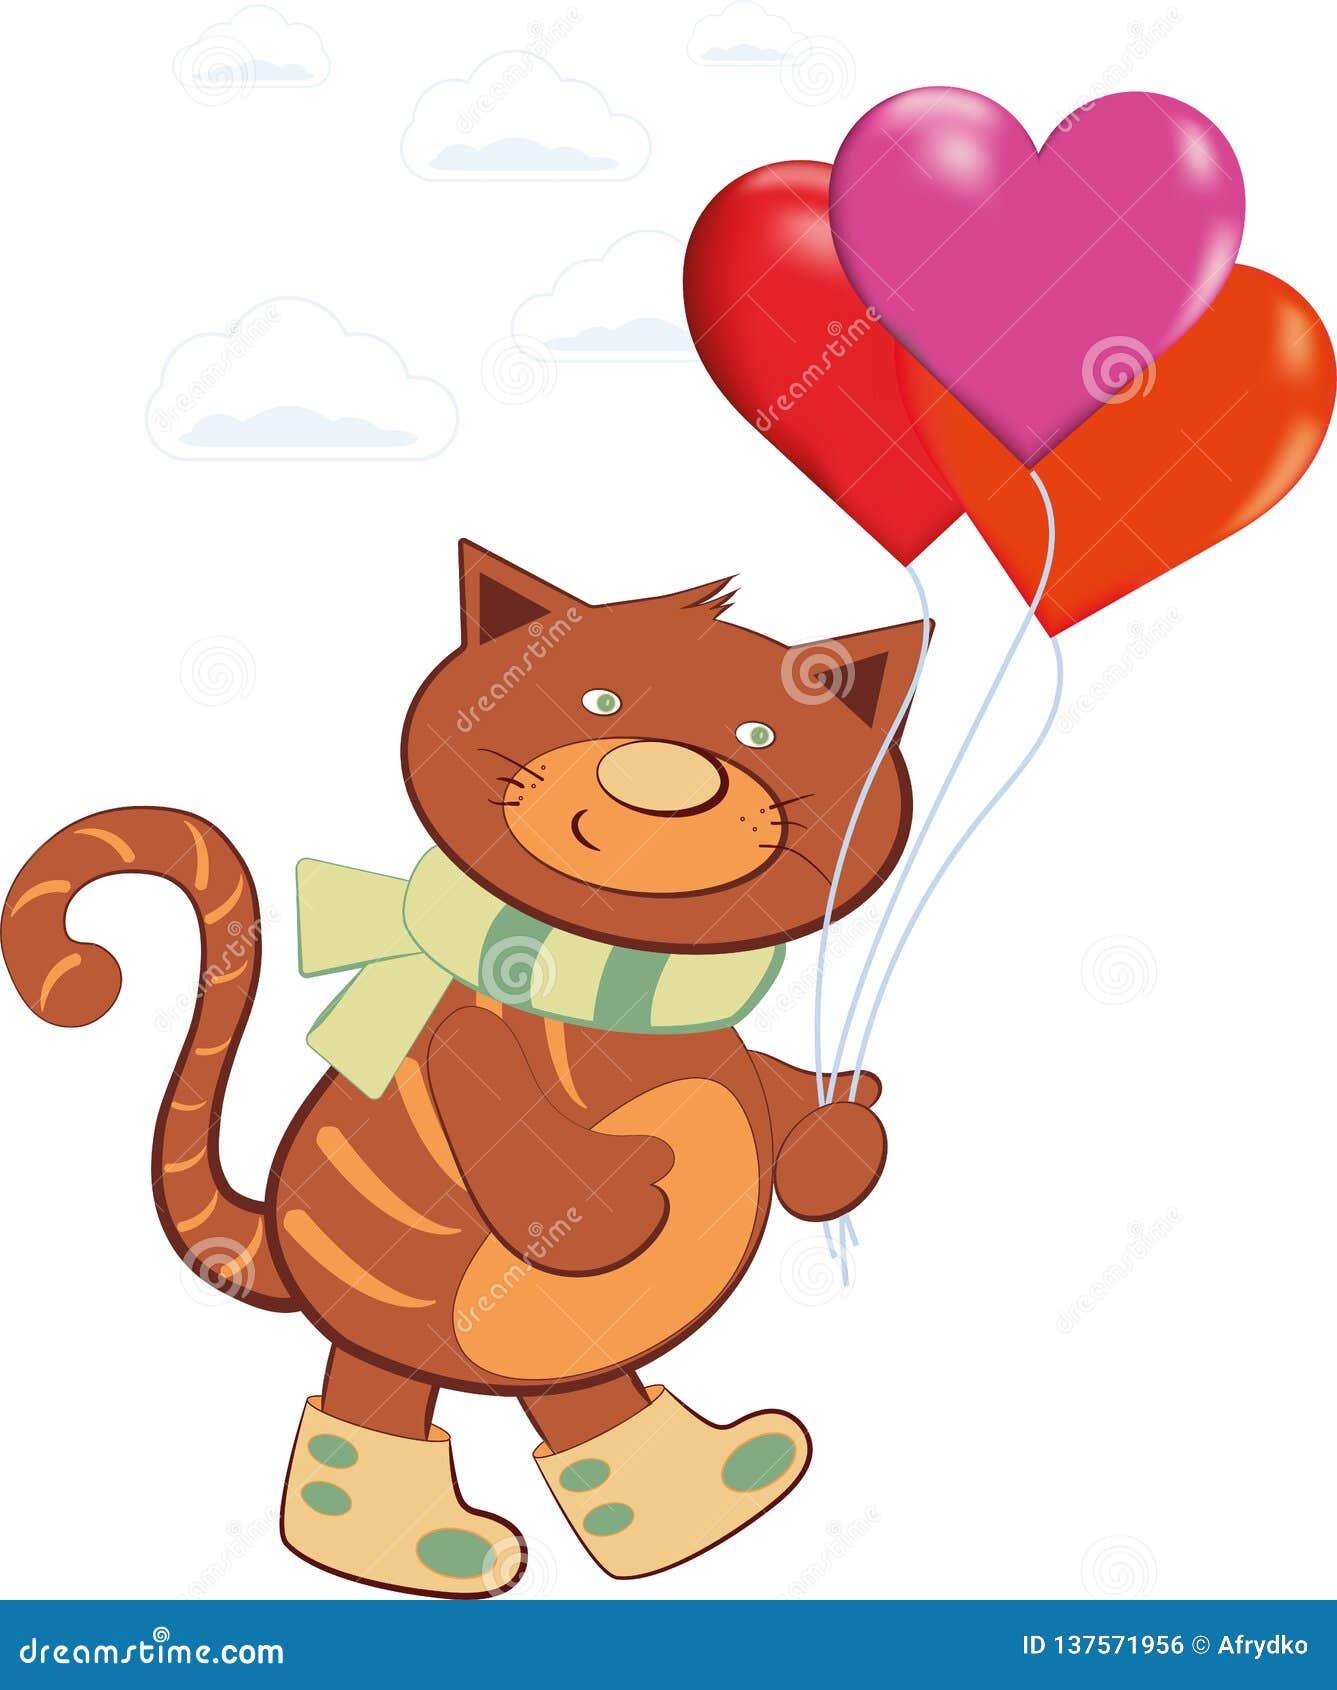 Palloni di trasporto del gatto allegro sotto forma di un cuore